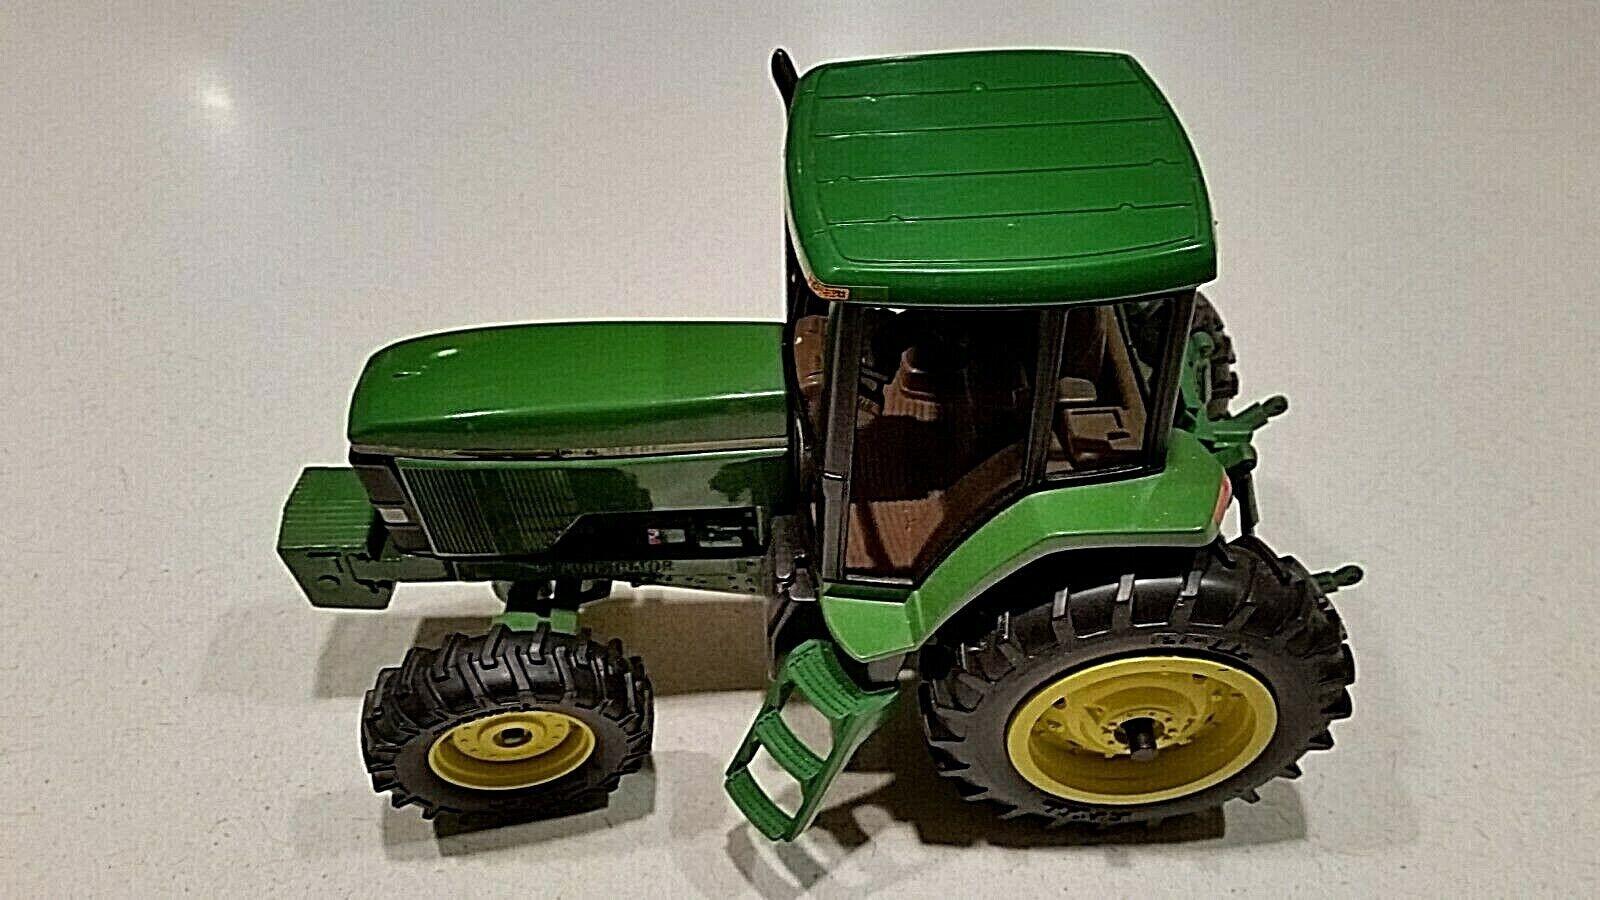 Ertl 1 16 John Deere 7800 Tractor Die Cast Metal,  Demonstrator